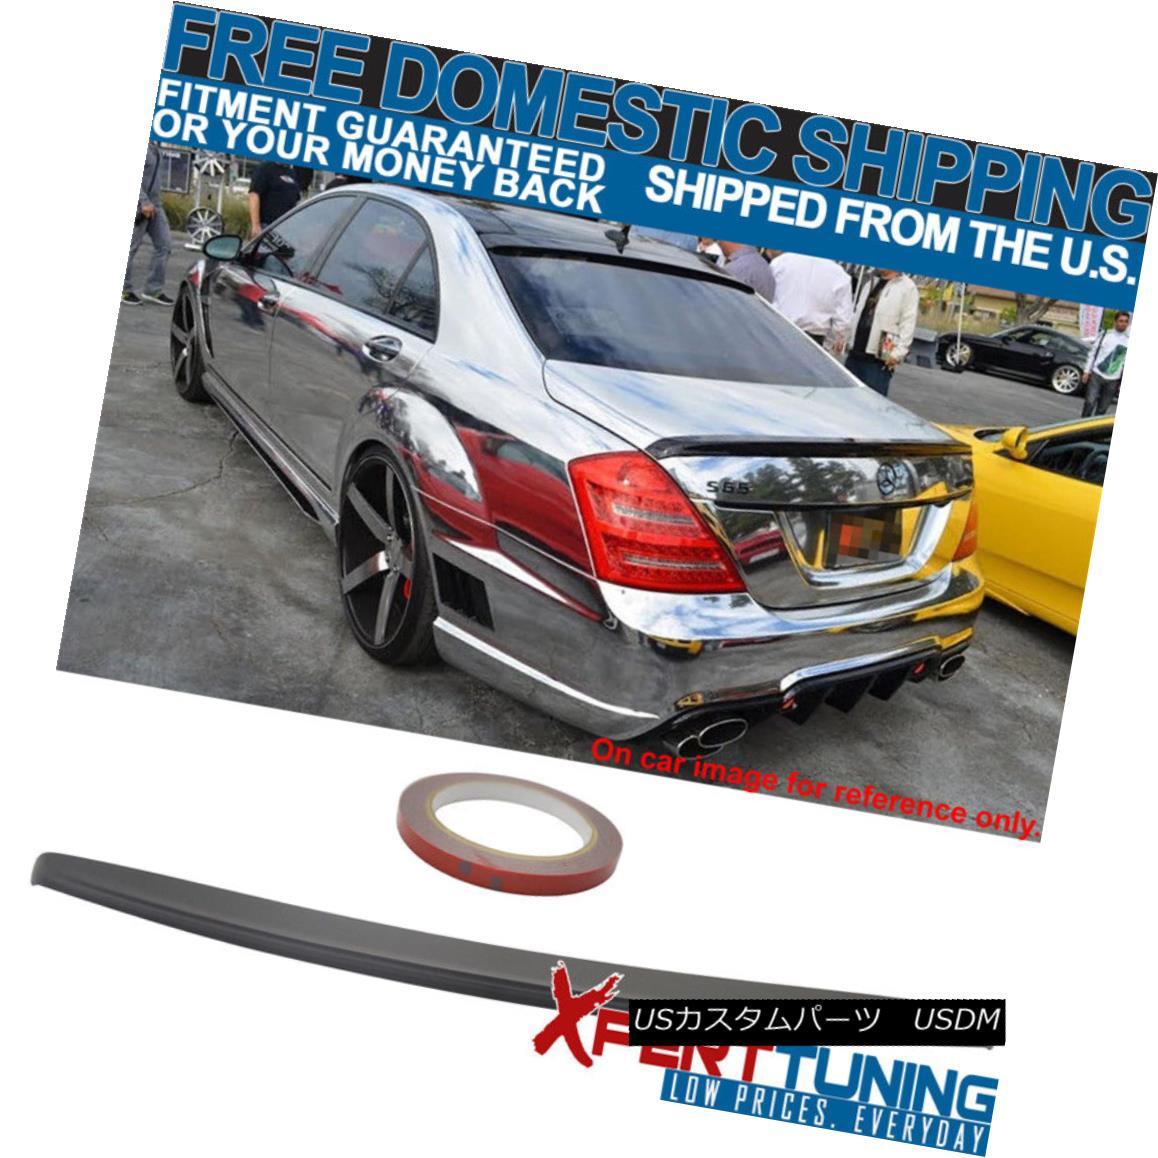 エアロパーツ 07 08 09 10 11 12 13 Benz W221 S-Class Trunk Spoiler Painted Matte Black 07 08 09 10 11 12 13ベンツW221 Sクラストランクスポイラー塗装マットブラック